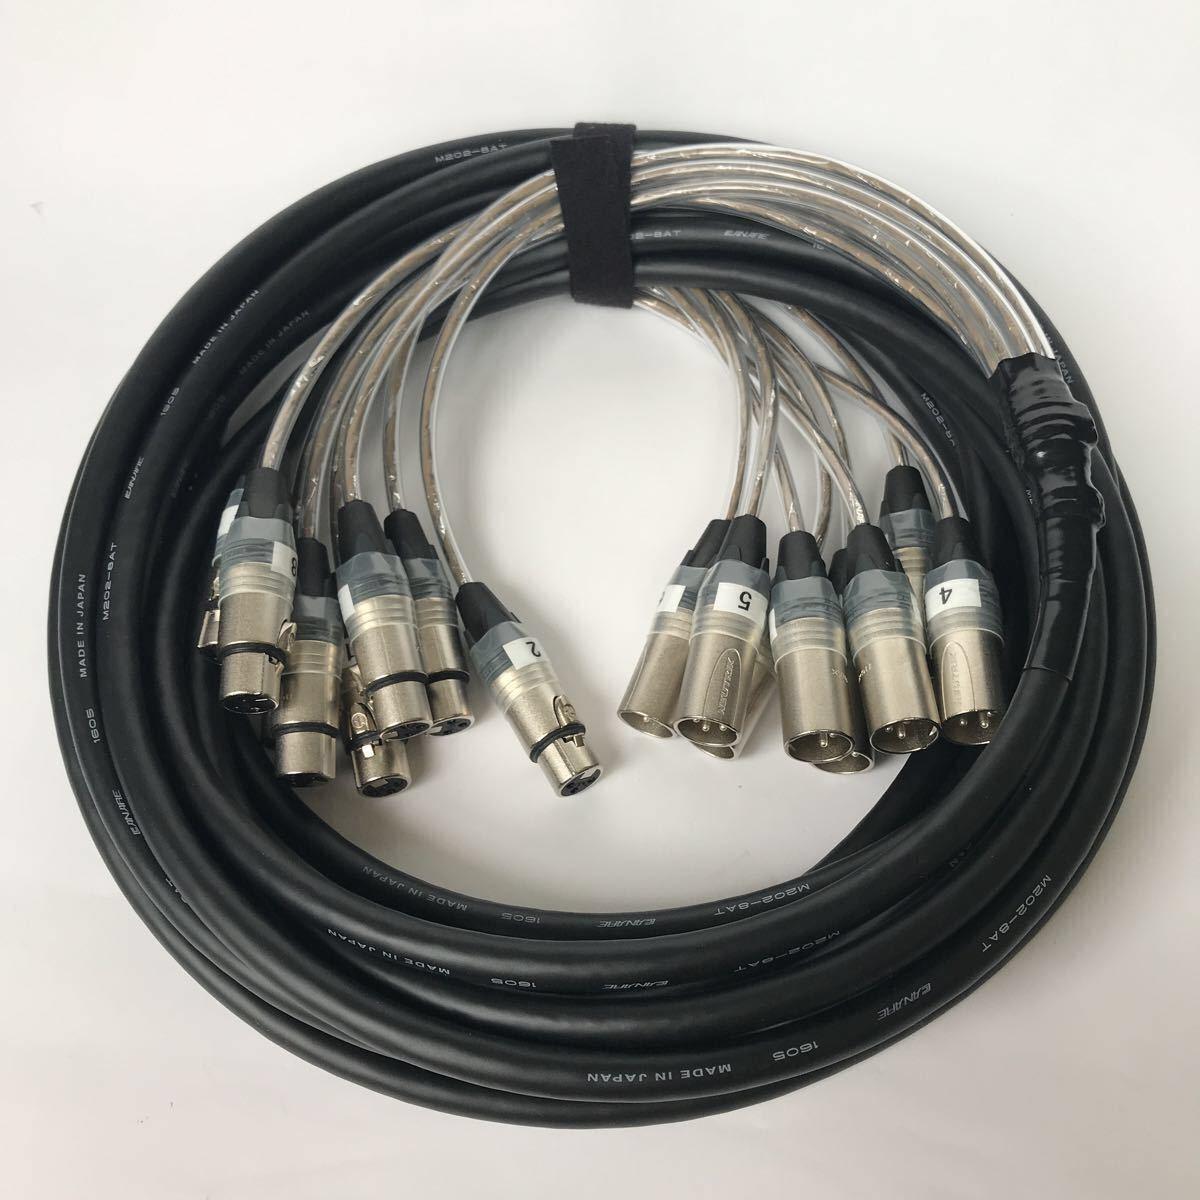 マルチケーブル 8チャンネル 10メートル CANARE M202 送料込み